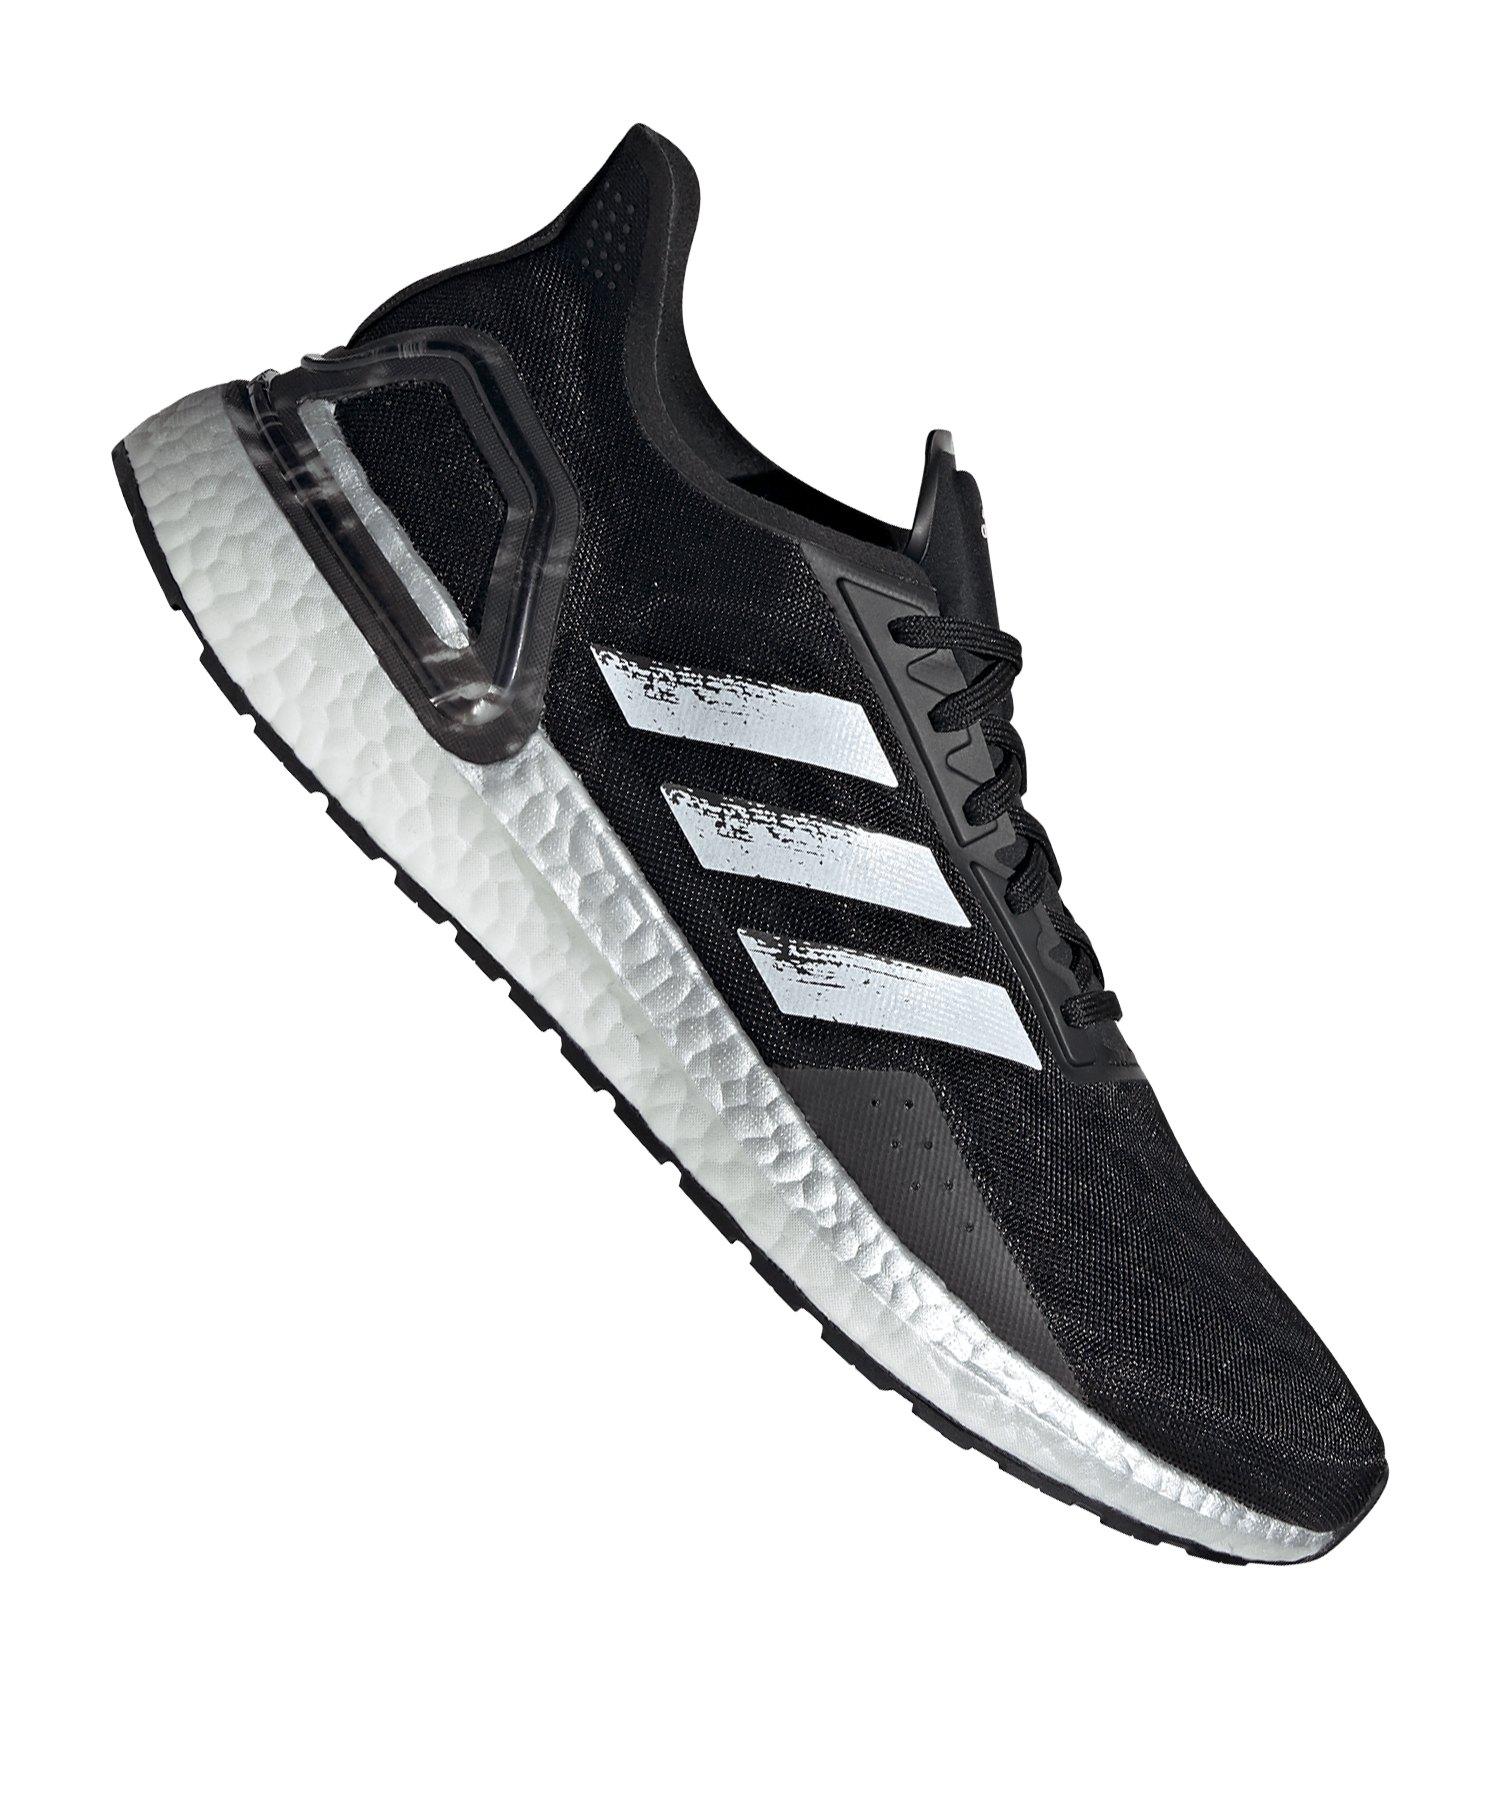 adidas Ultra Boost PB Running Schwarz Weiss - schwarz